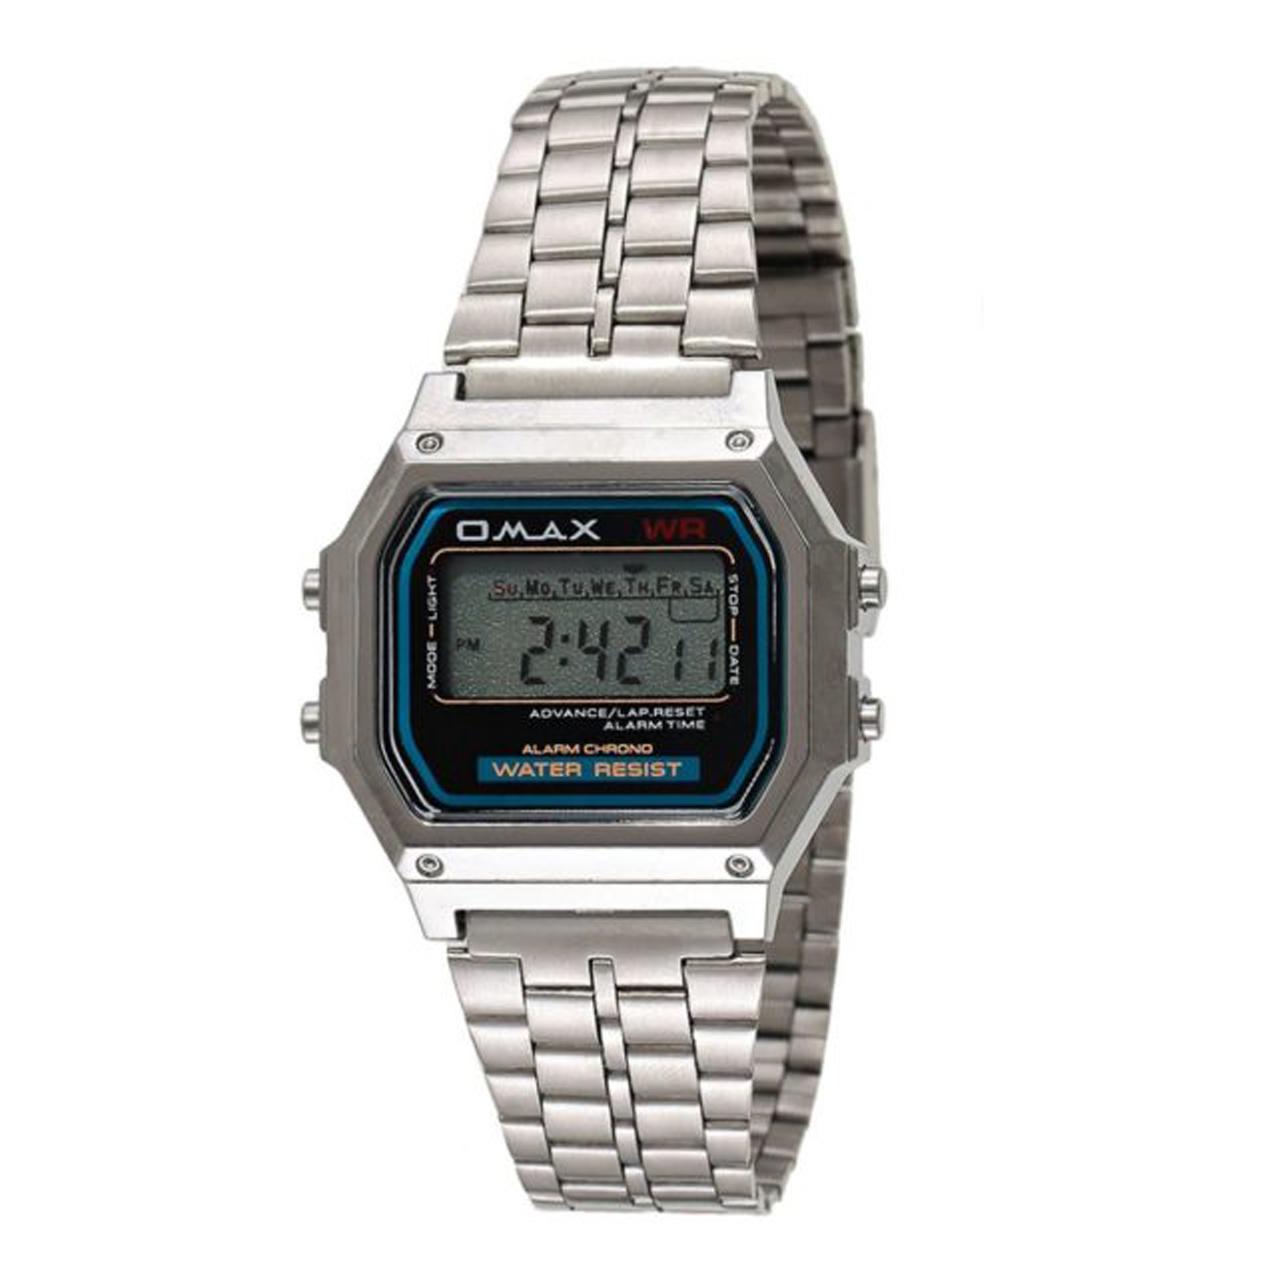 ساعت مچی دیجیتال اوماکس مدل m283 -  - 2